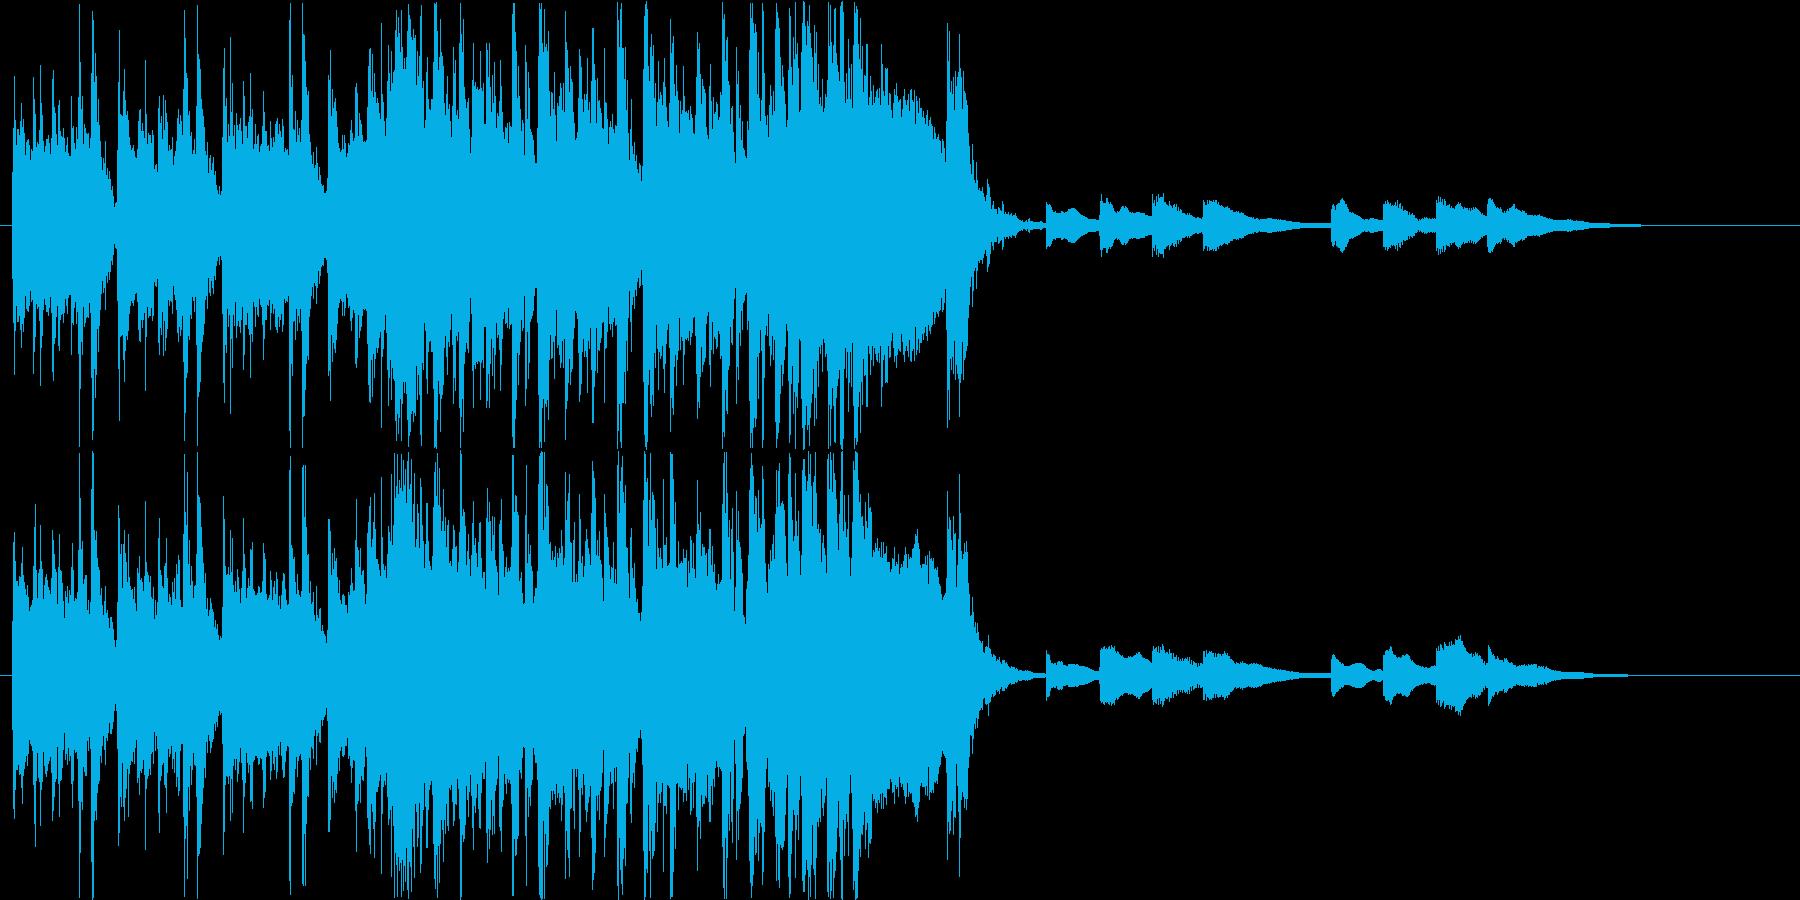 ちょっと重い時間切れのBGMの再生済みの波形